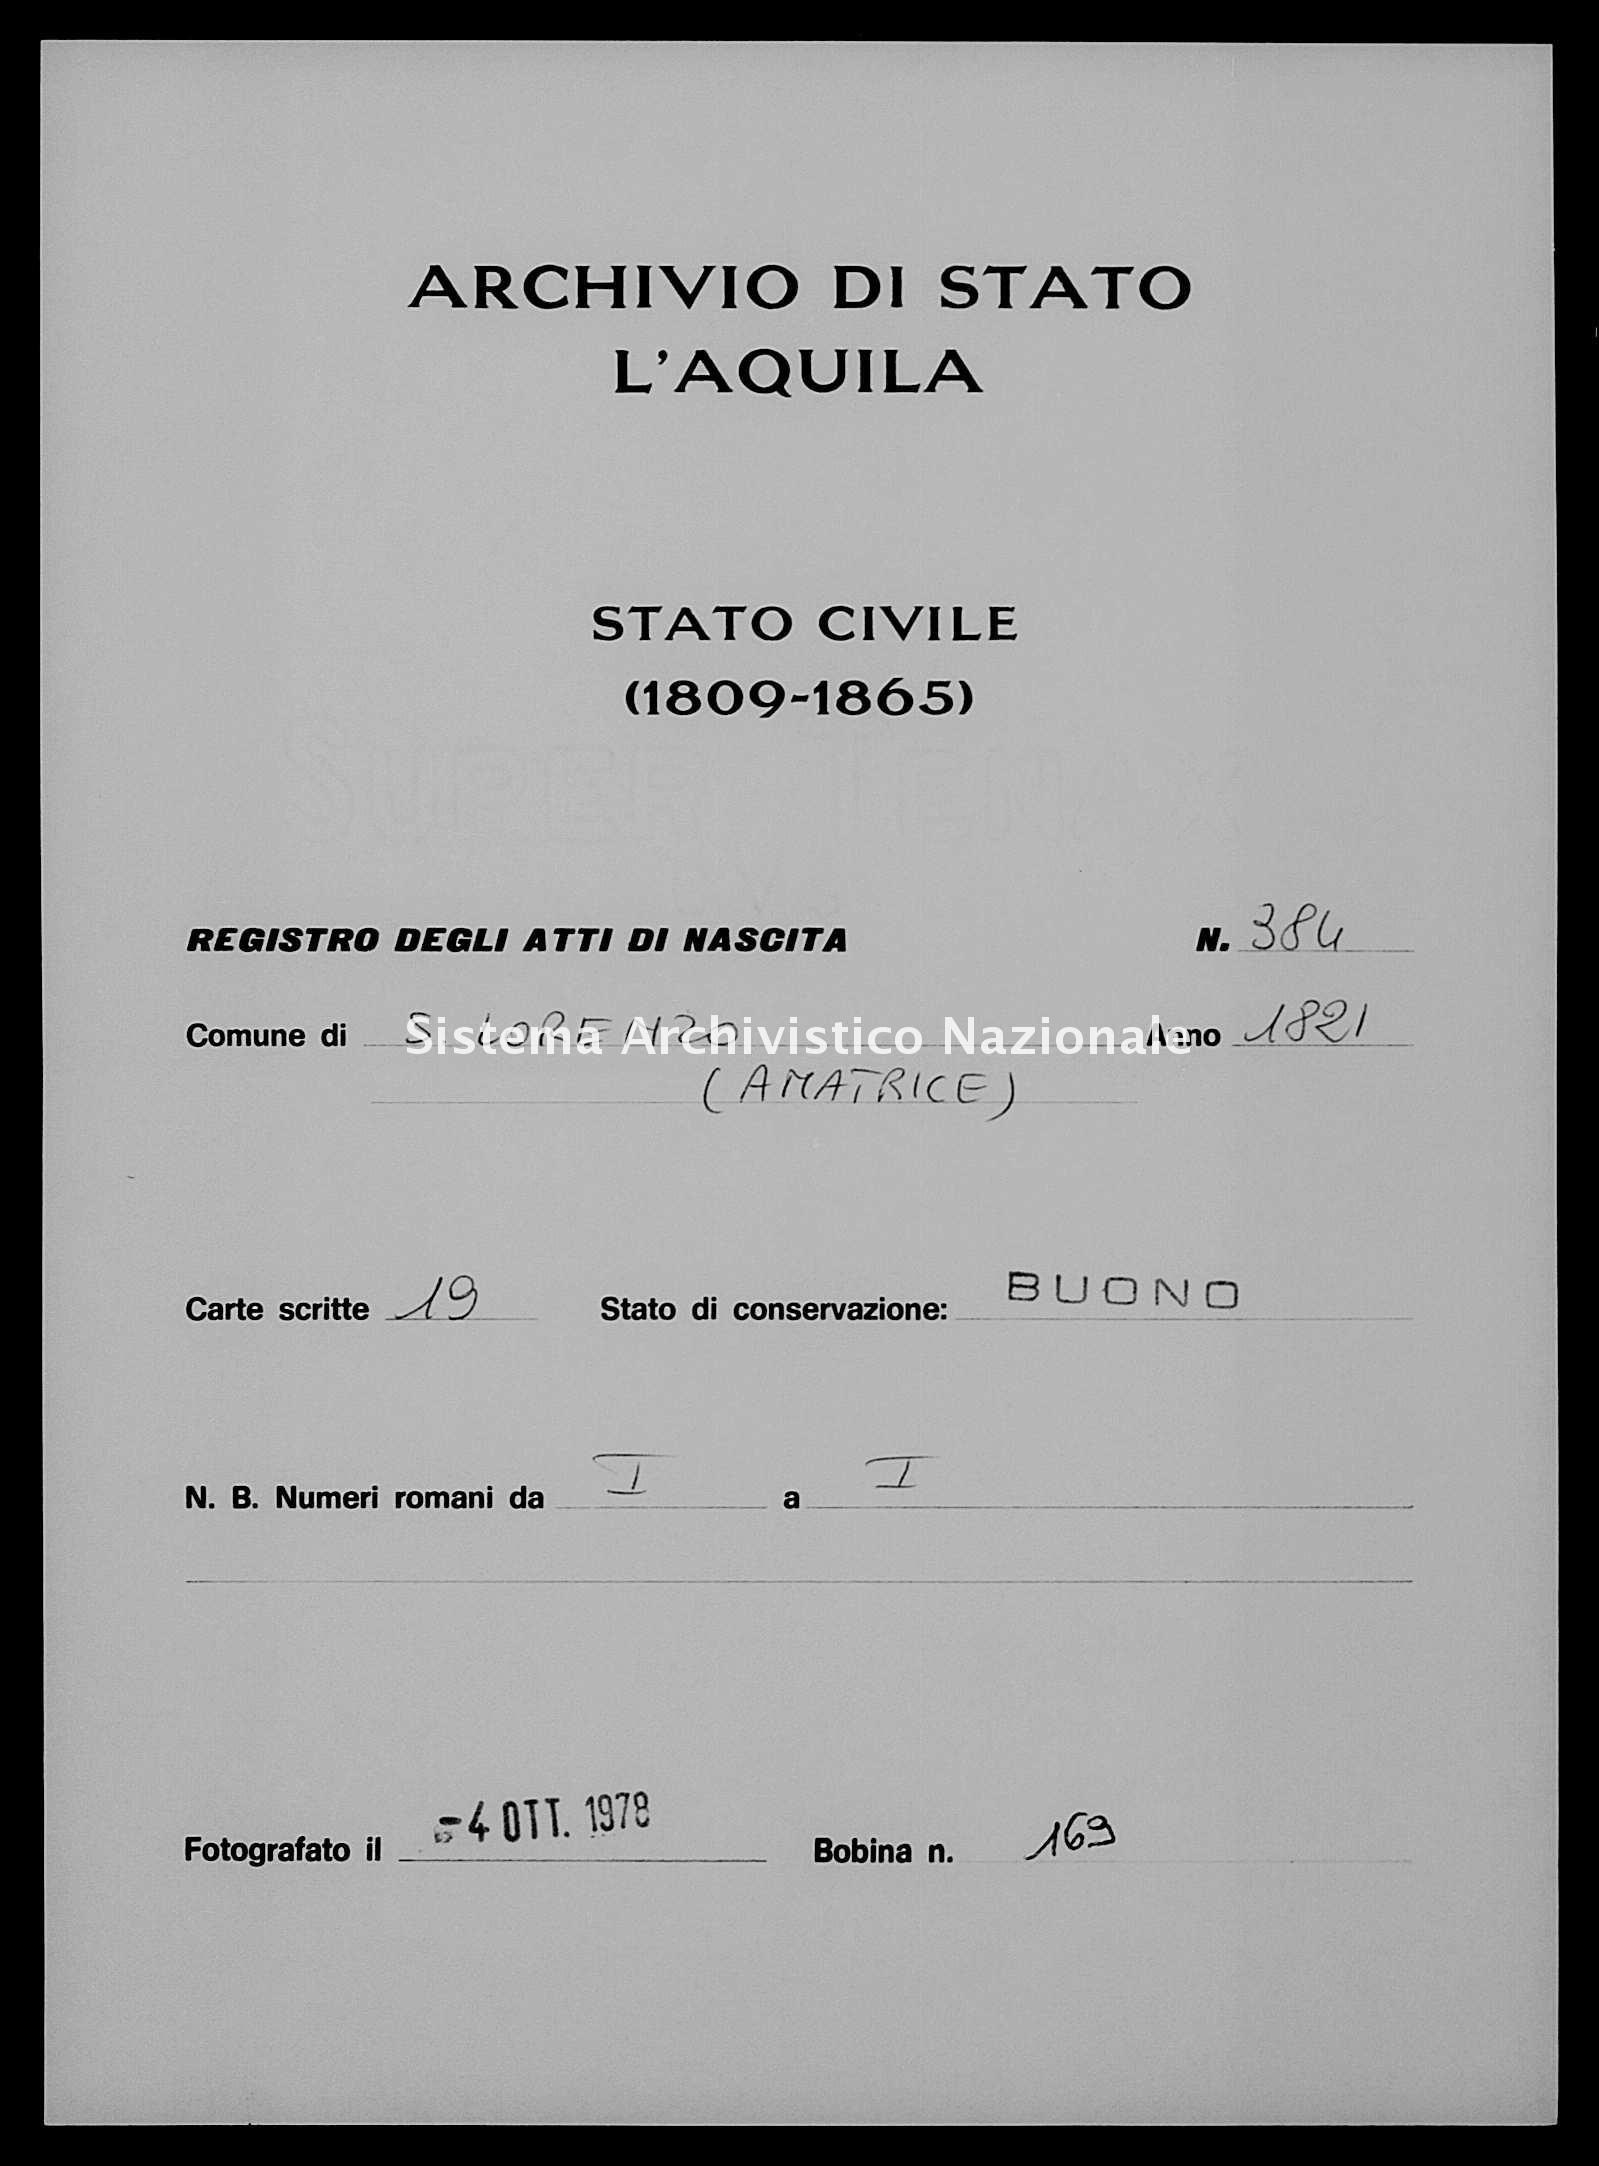 Archivio di stato di L'aquila - Stato civile della restaurazione - San Lorenzo - Nati - 1821 - 384 -